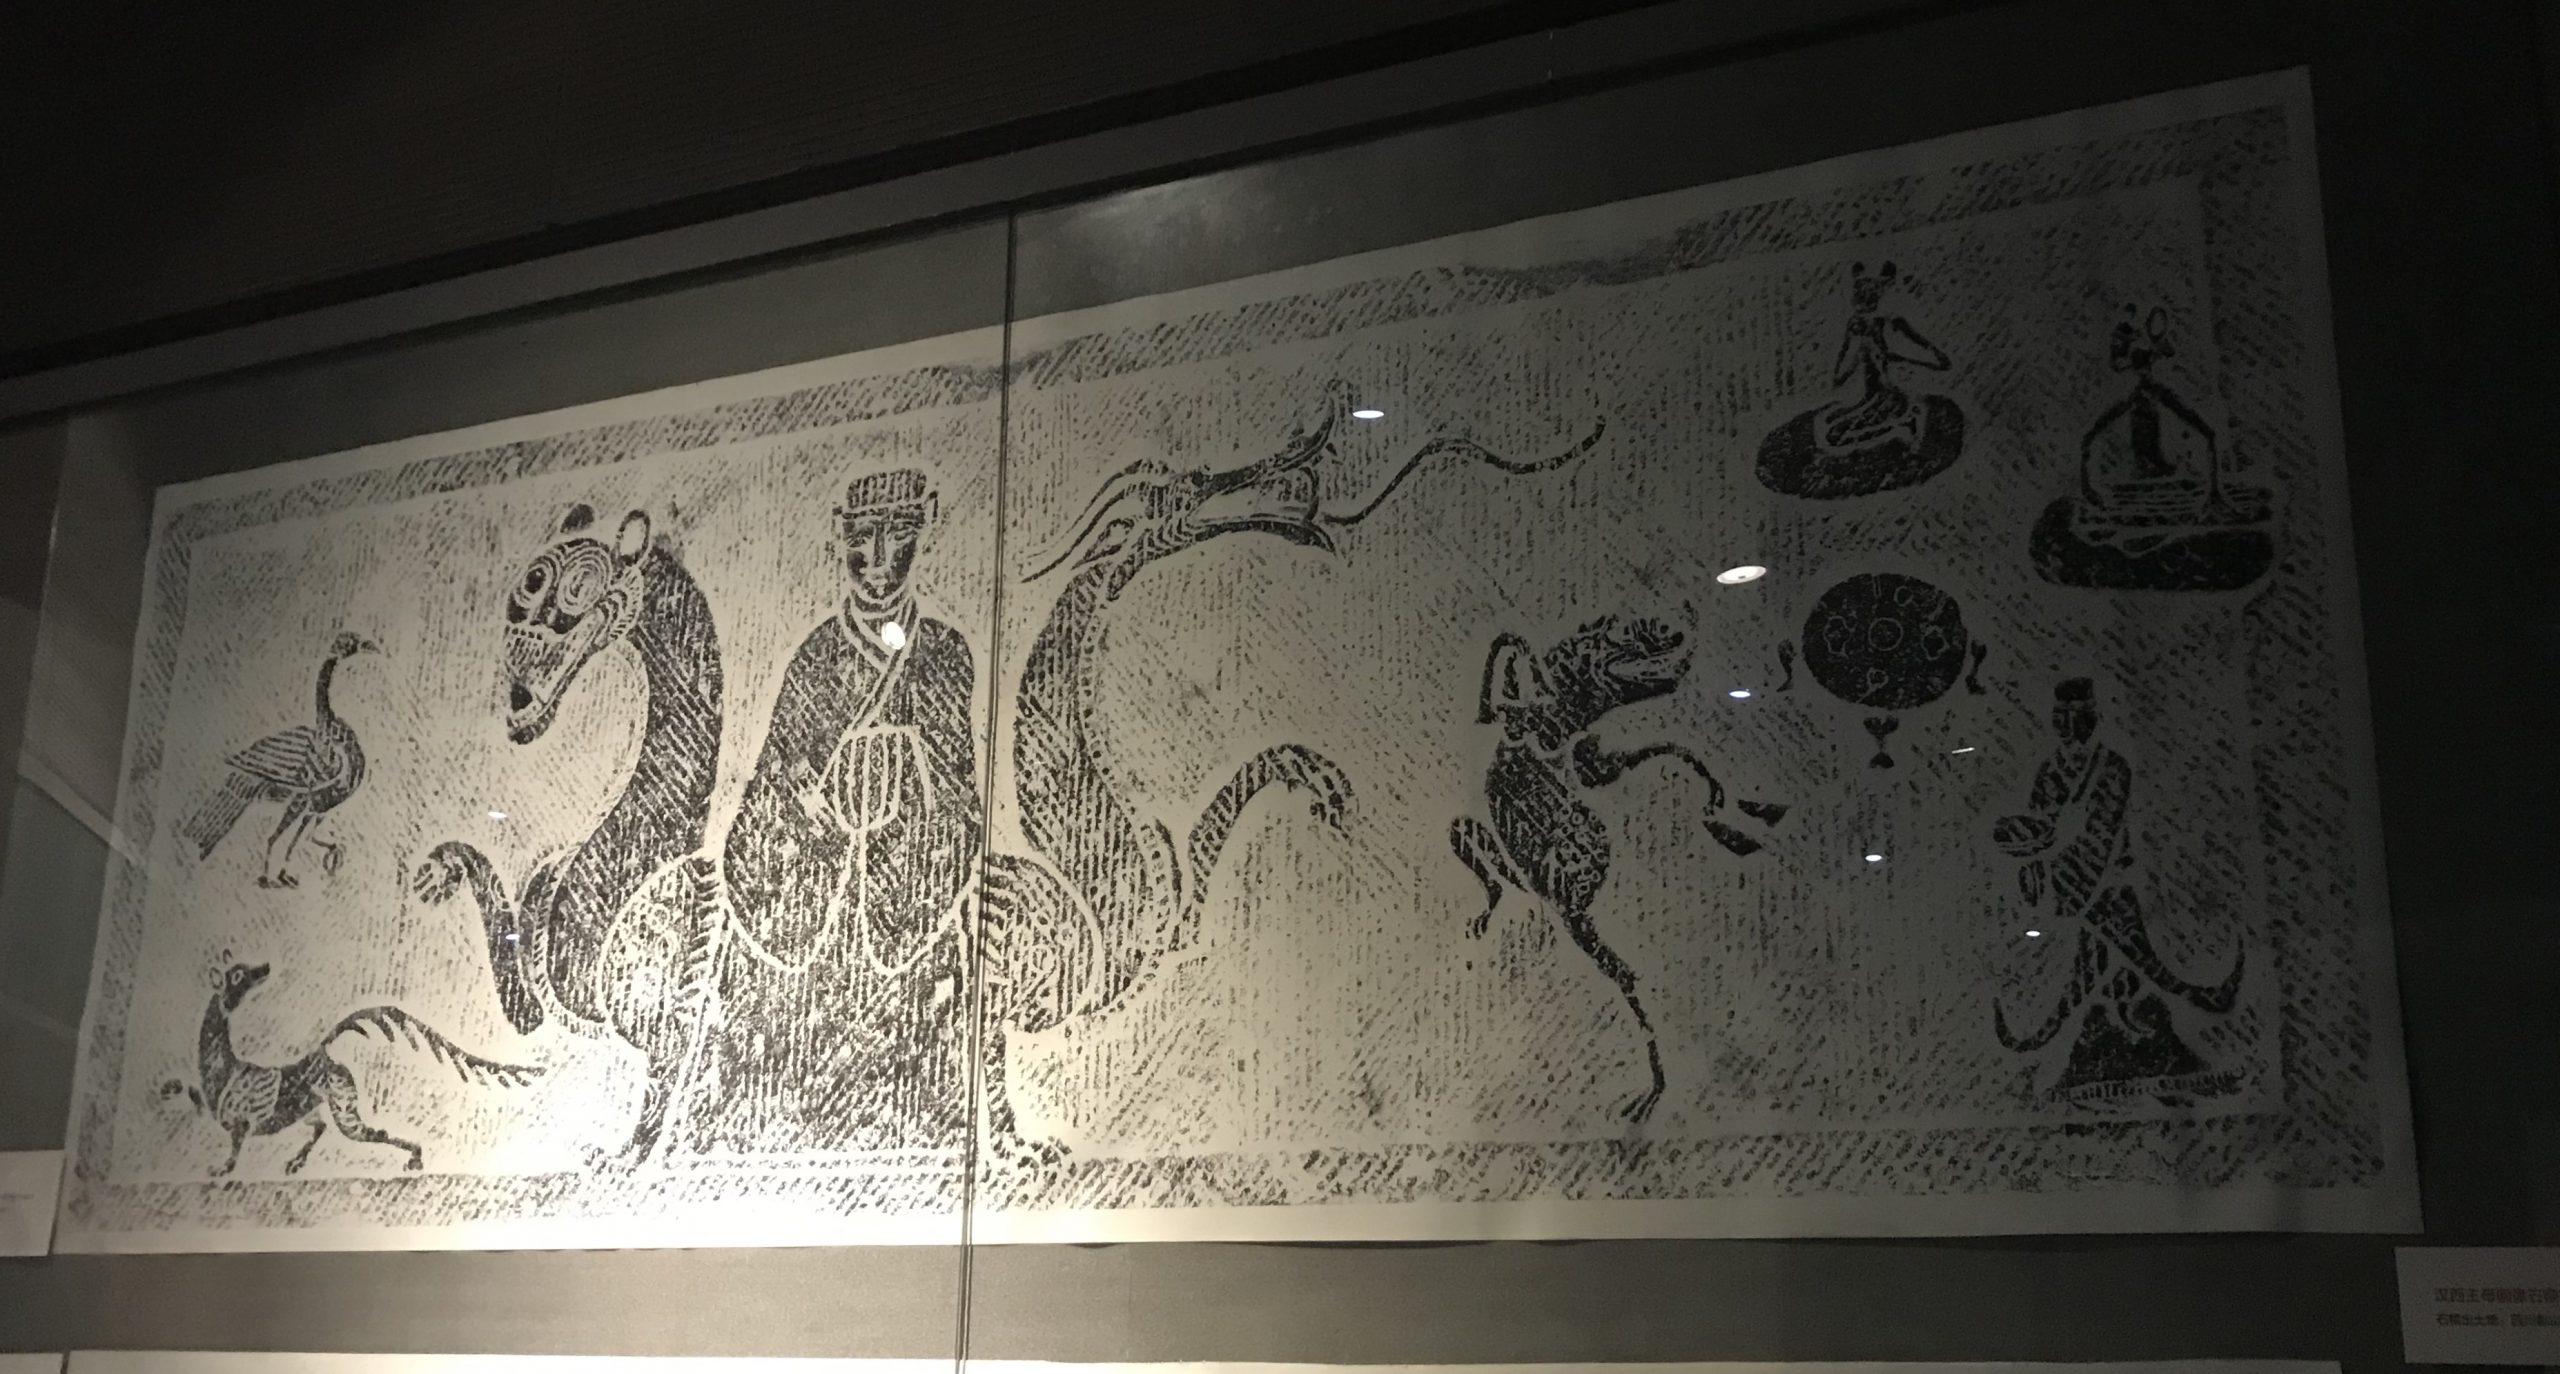 漢西王母画像石棺-拓本-東漢-彭山県双河山崖墓出土-四川漢代陶石芸術館-四川博物院-成都